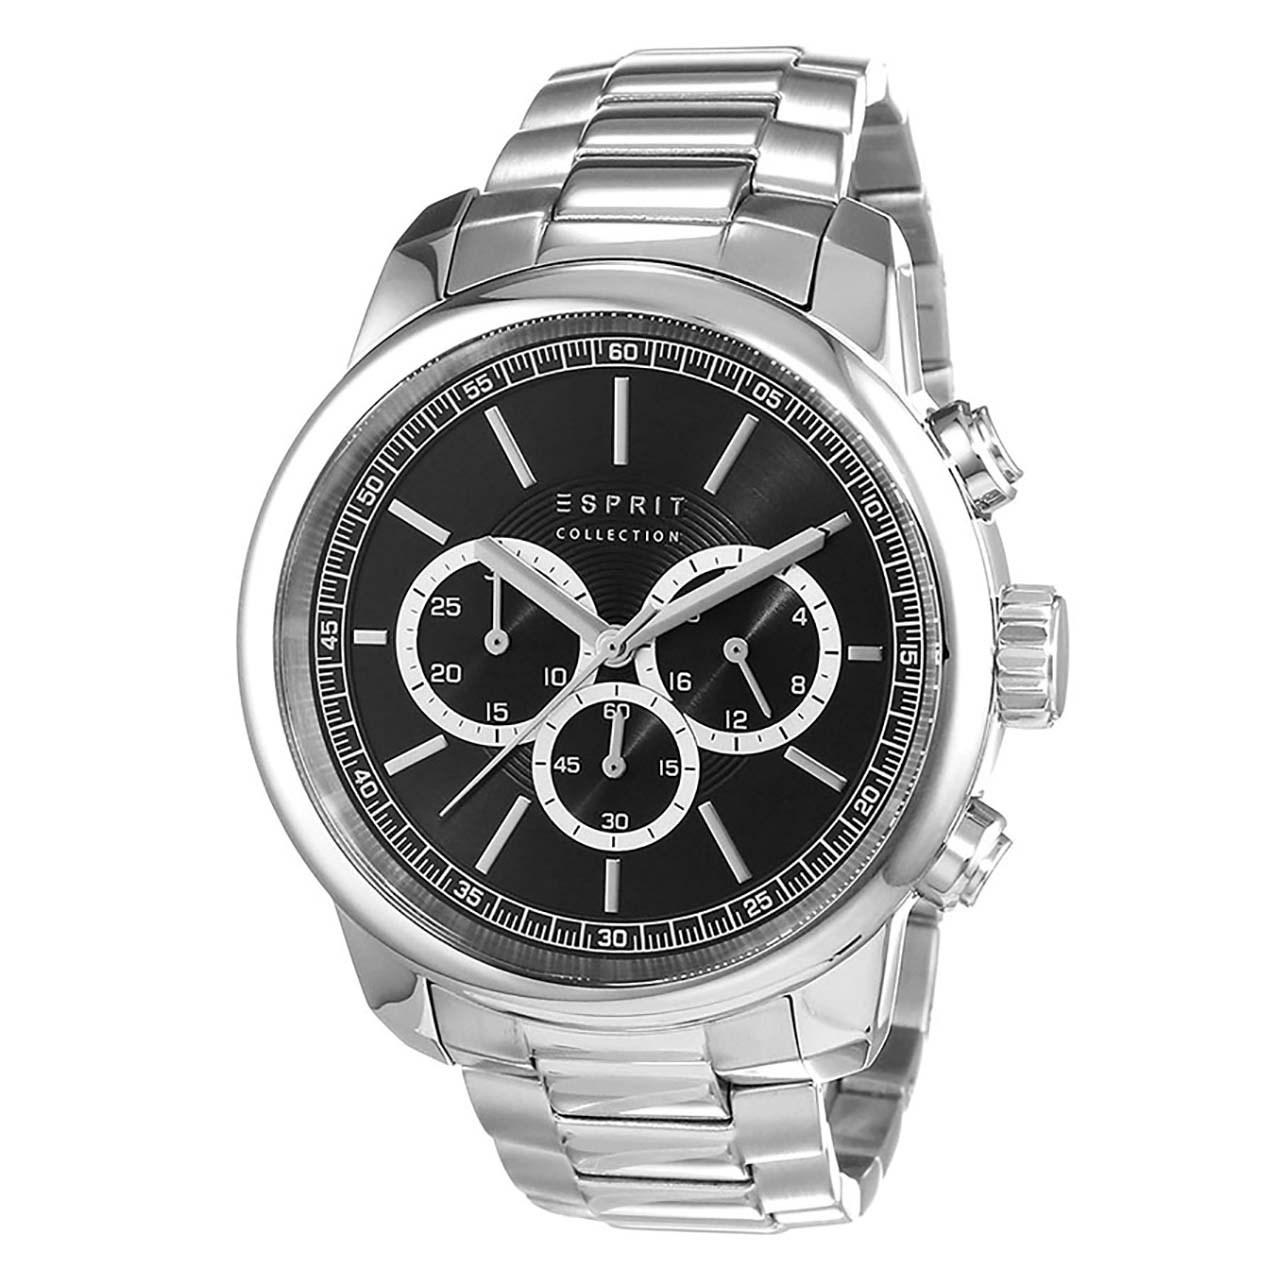 ساعت مچی عقربه ای مردانه  اسپریت مدل EL102171004 12